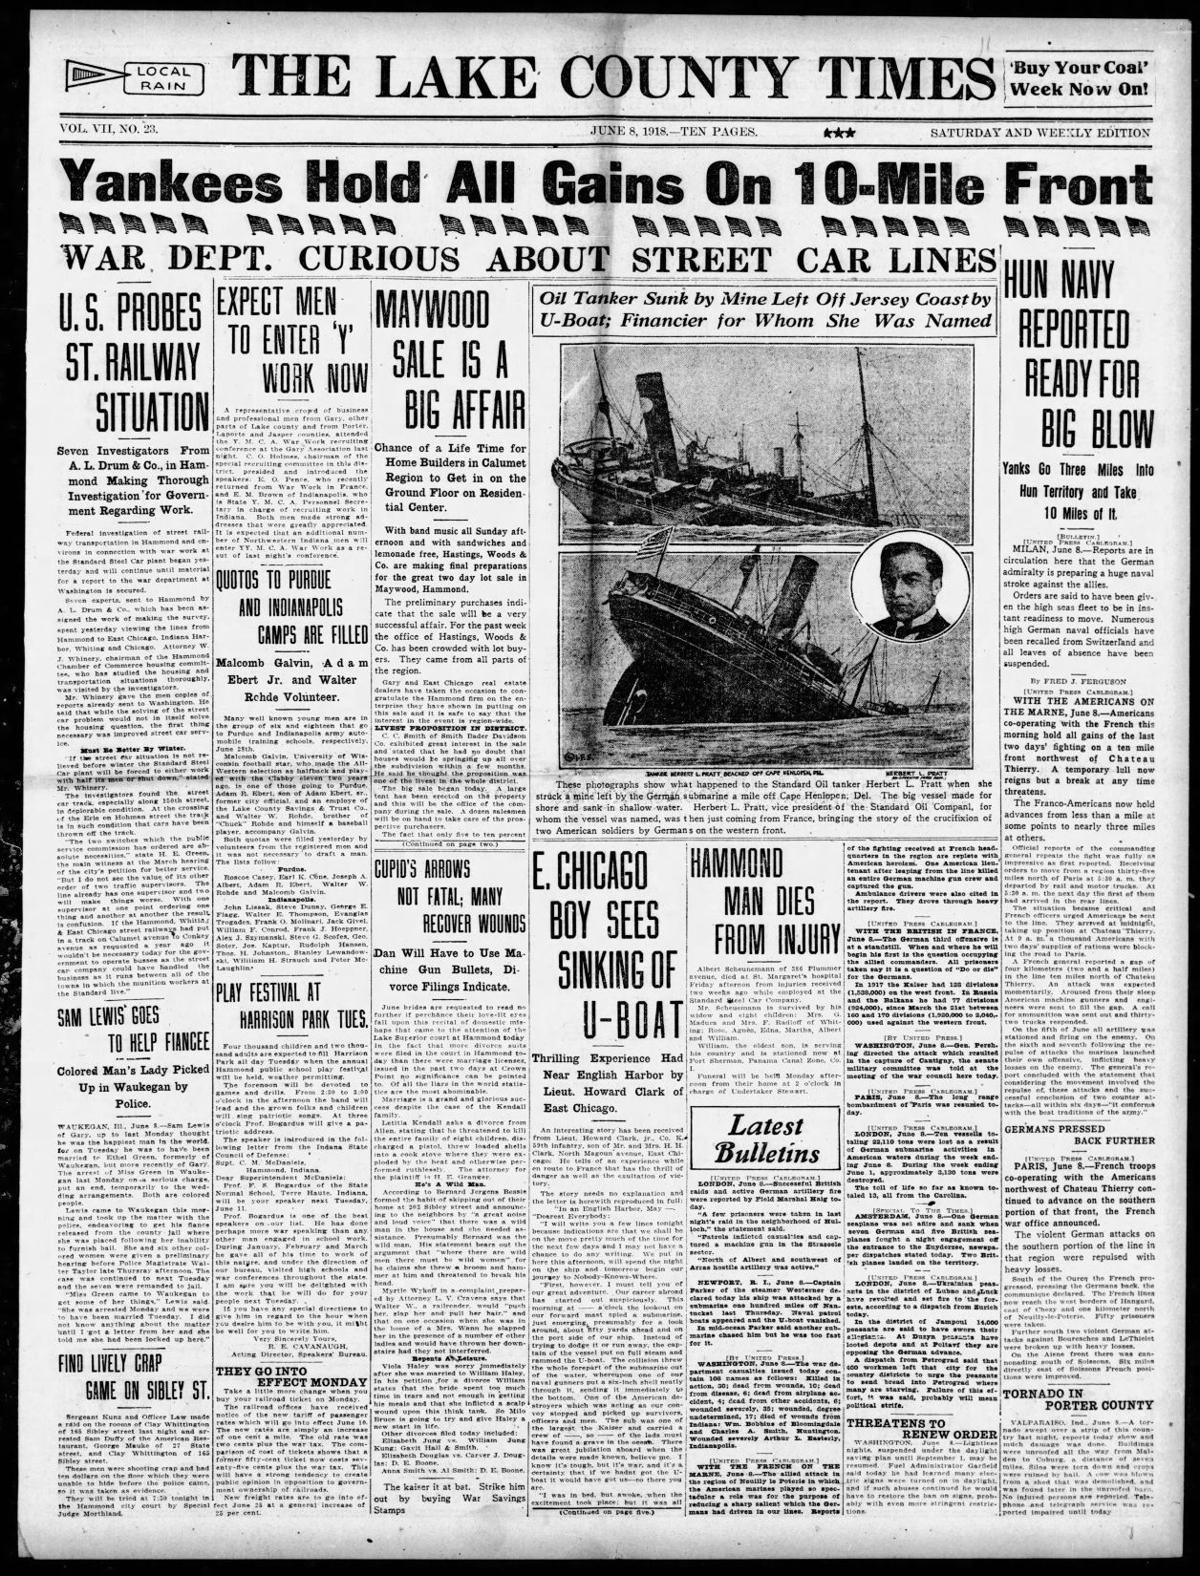 June 8, 1918: War Dept. Curious About Street Car Lines